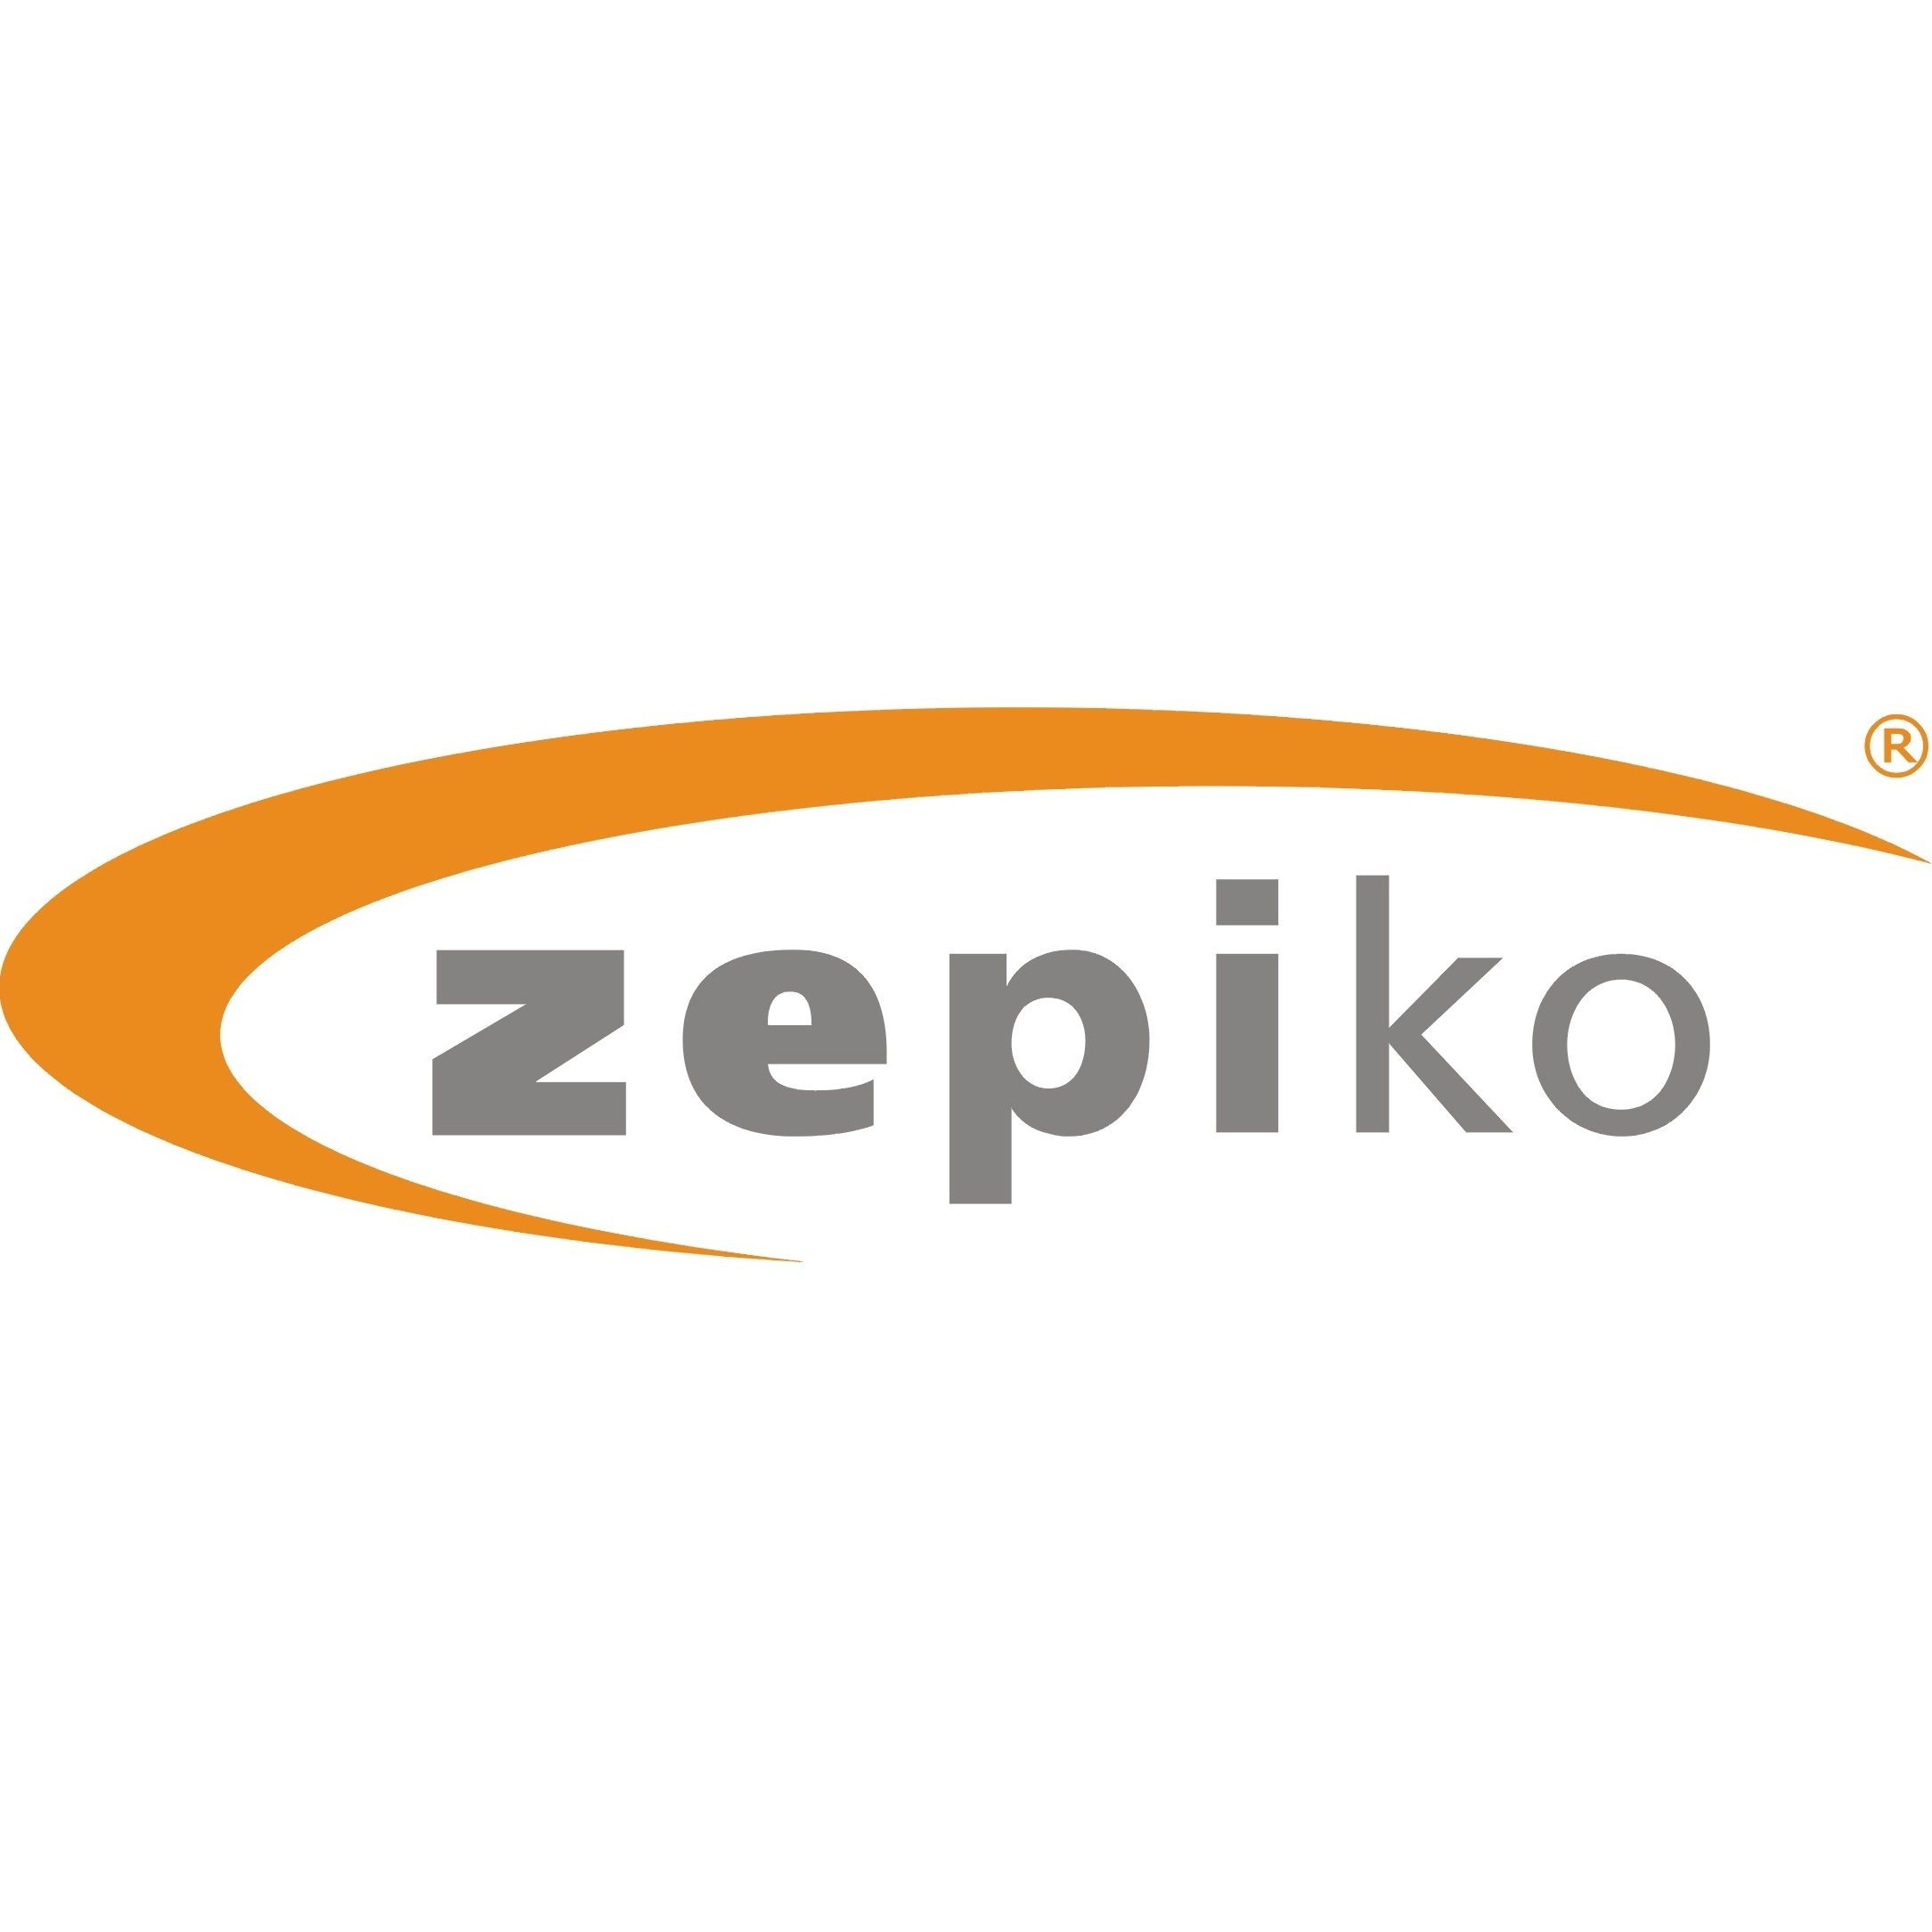 ZEPIKO spol. s r.o. - sídlo společnosti